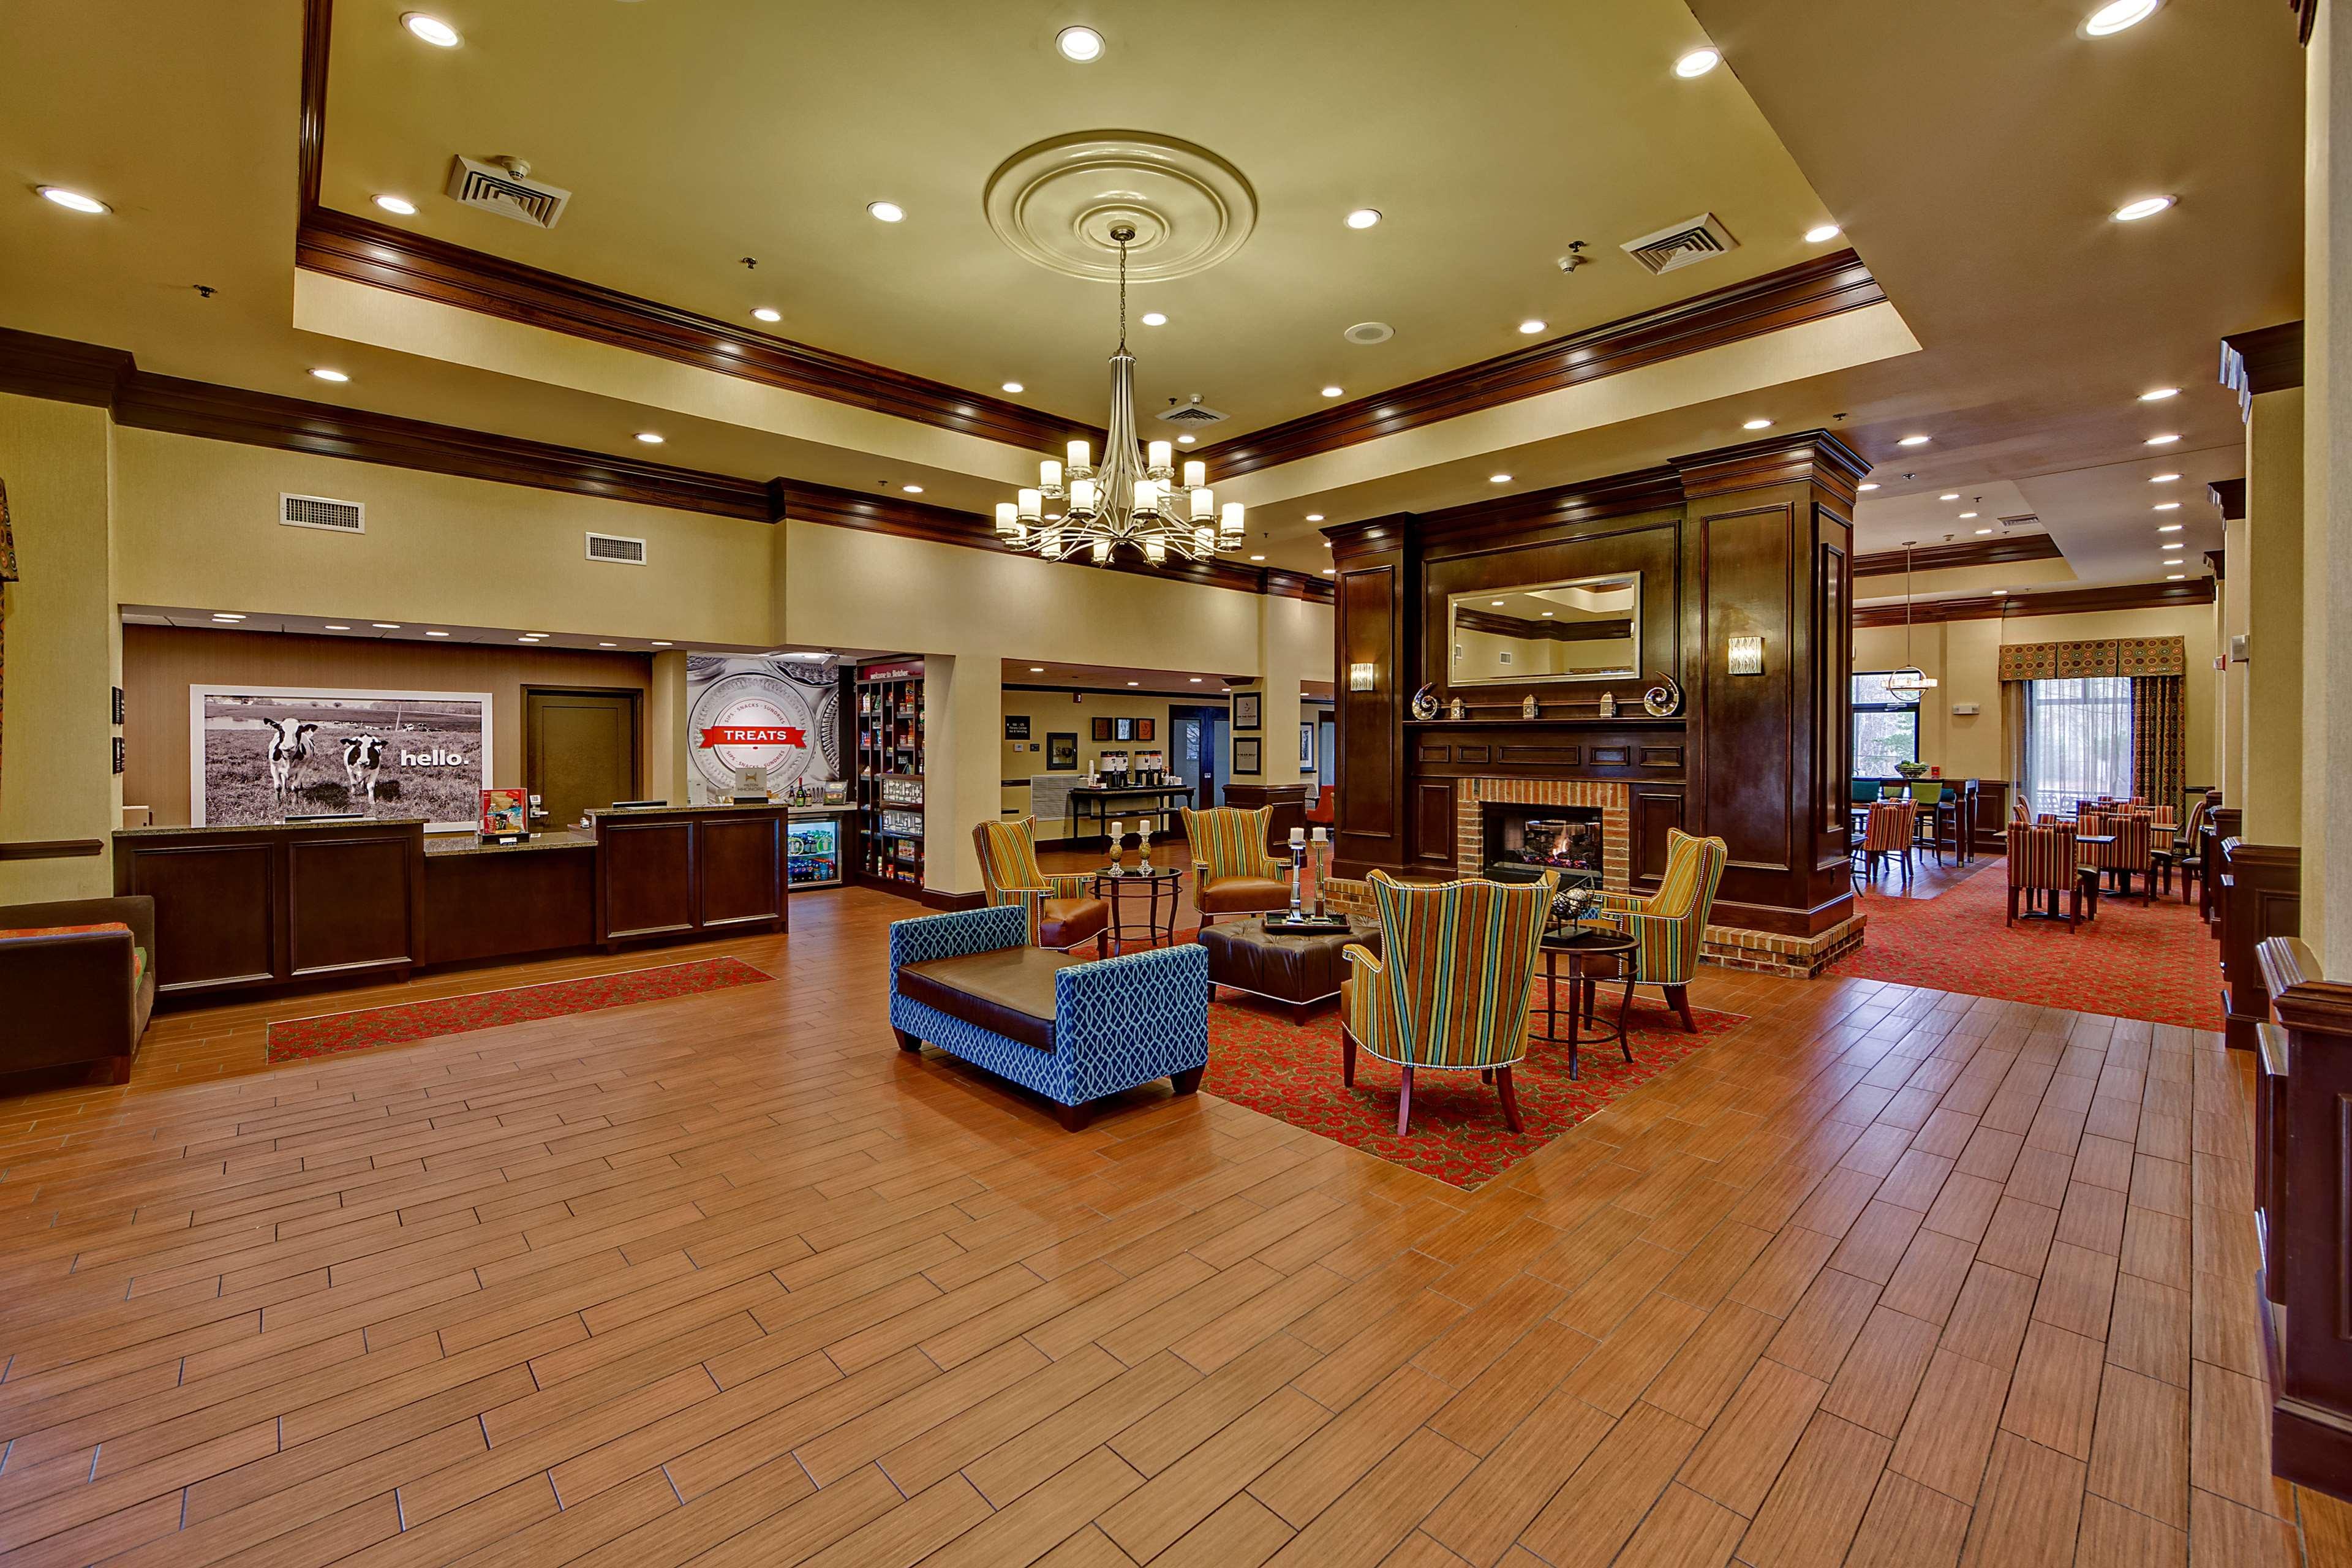 Hampton Inn & Suites Asheville-I-26 image 4